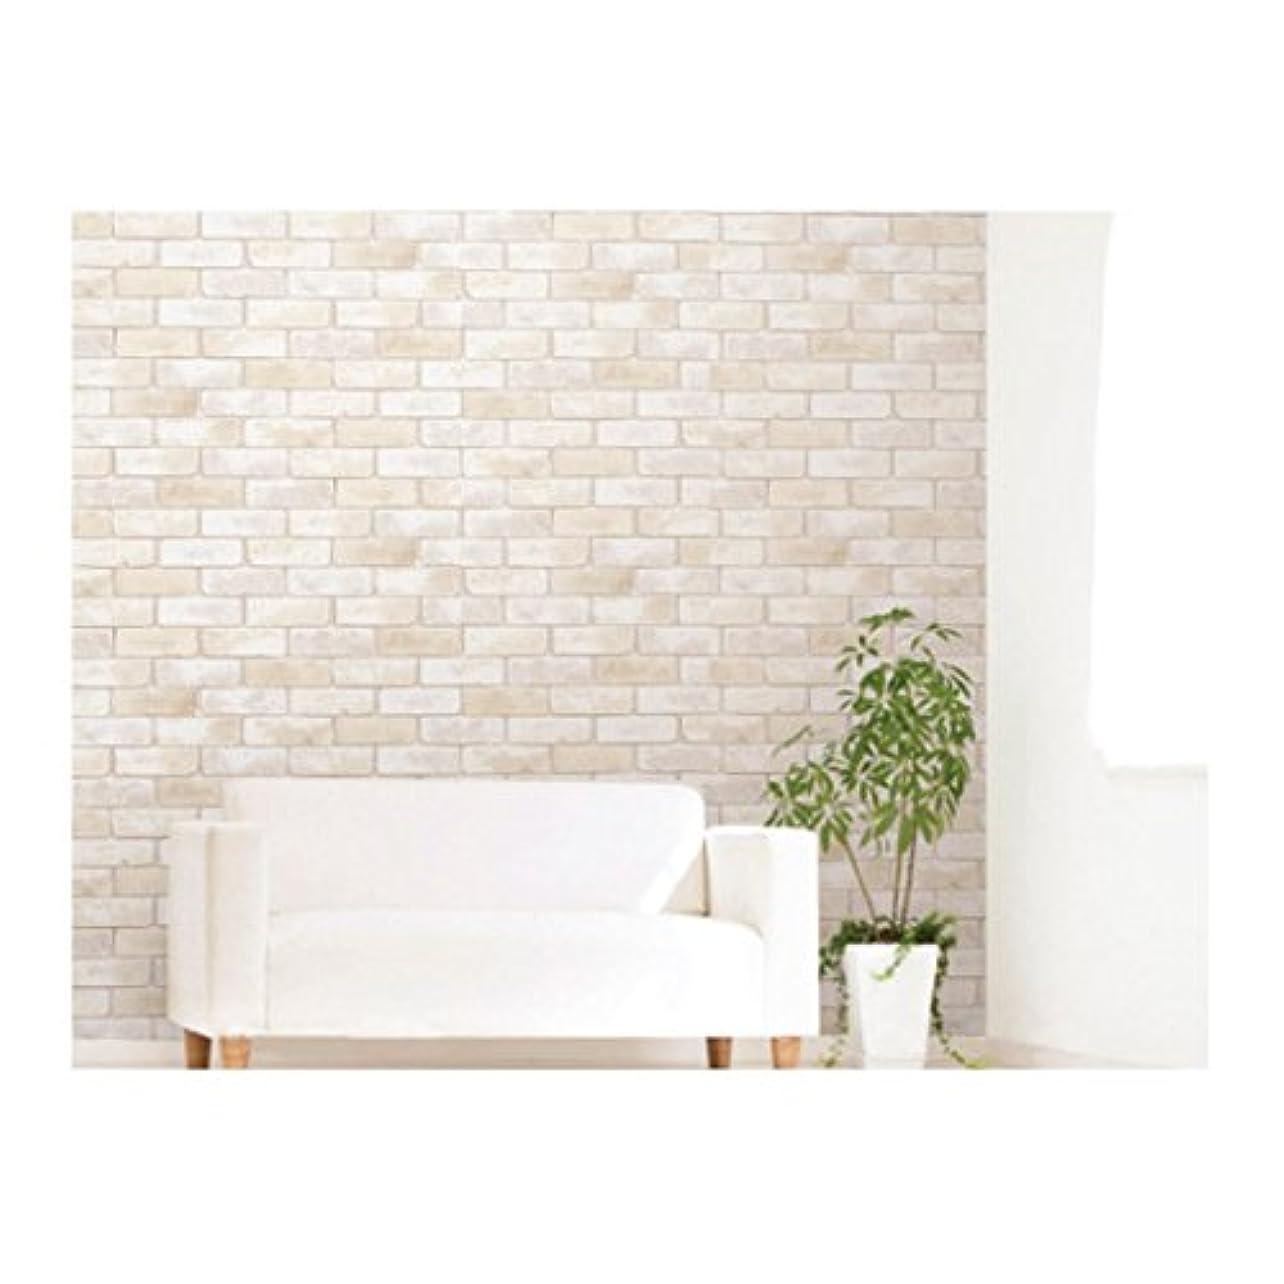 素子修正する本能のり残りなし!アクセント壁紙 幅92×高さ250cm レンガ WAP-501 W?ホワイト